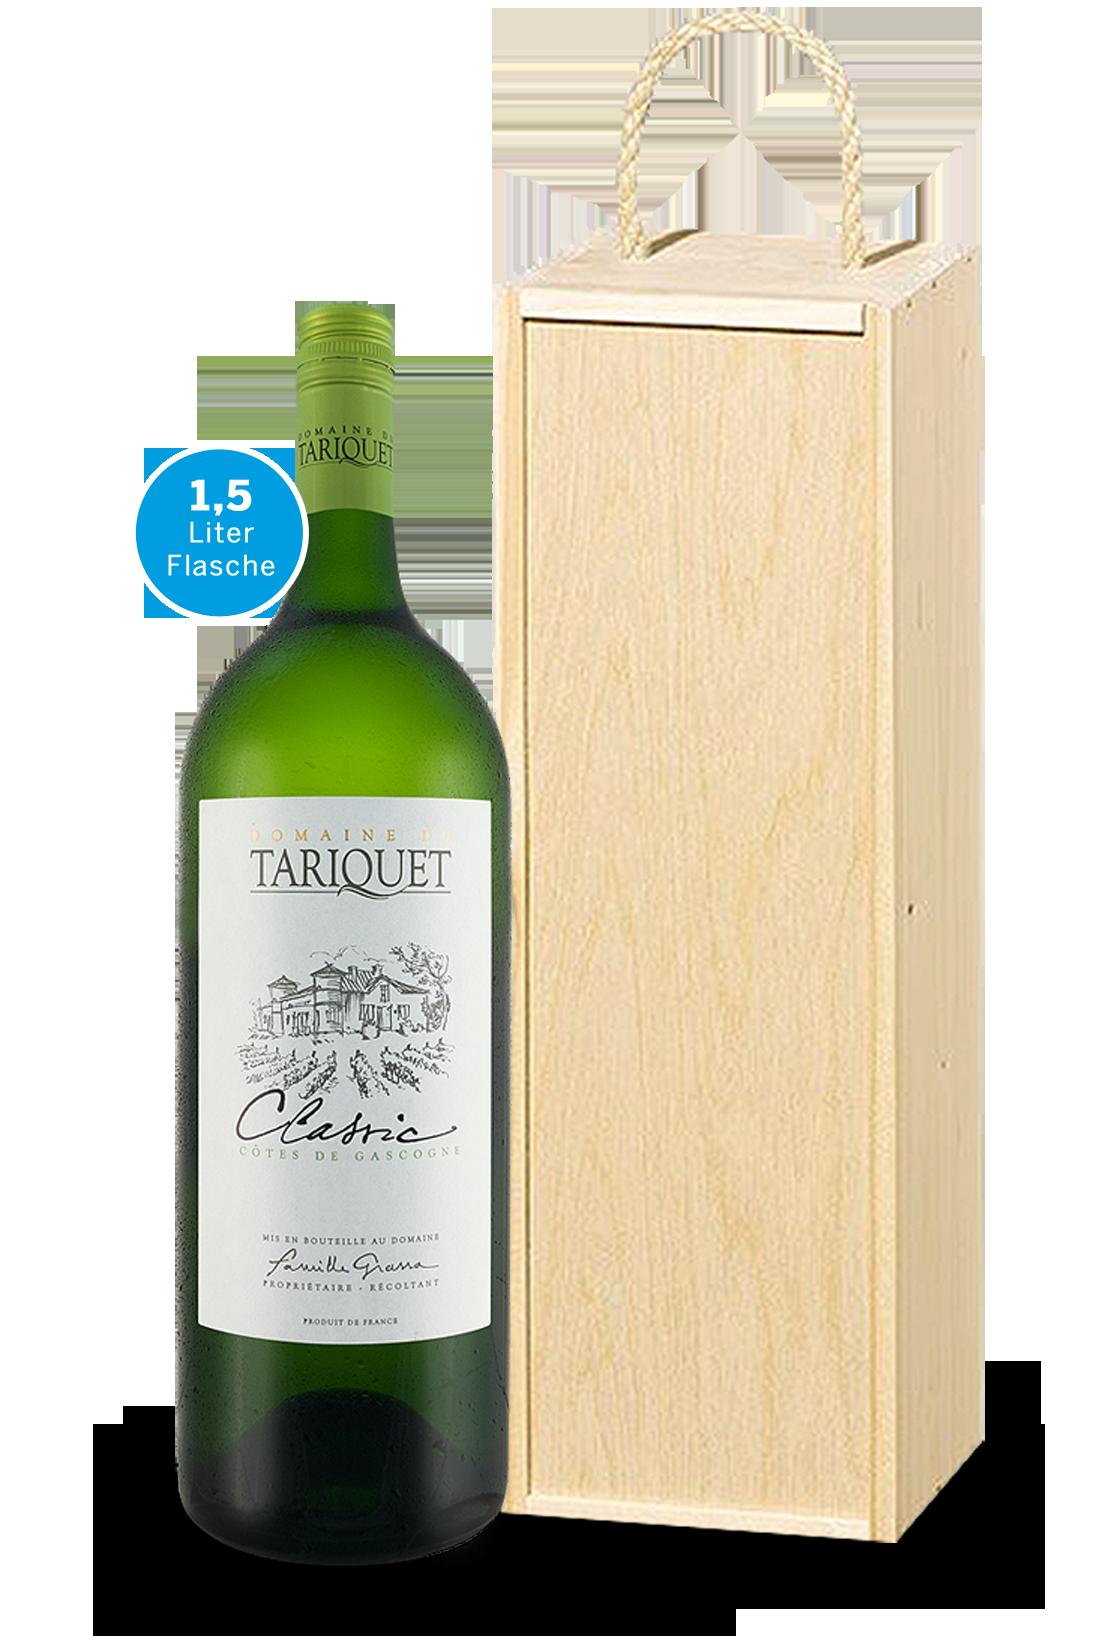 Weißwein Präsent Großer Magnum-Genuss aus der Gascogne13,27? pro l